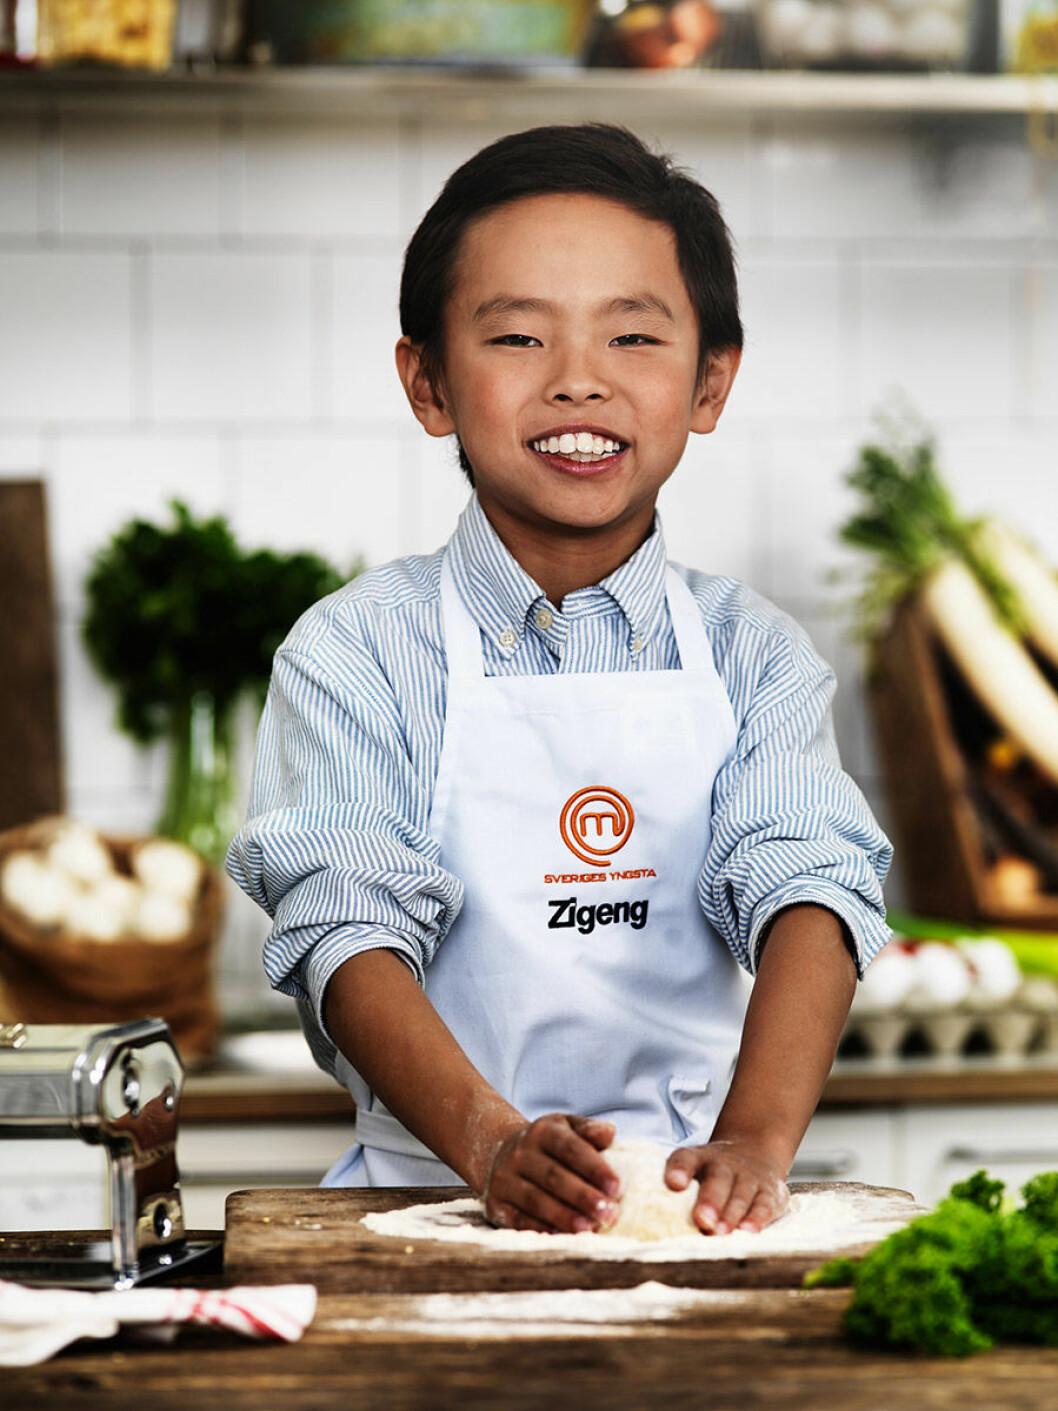 Zigeng Zhang, 10 år, Sigtuna.